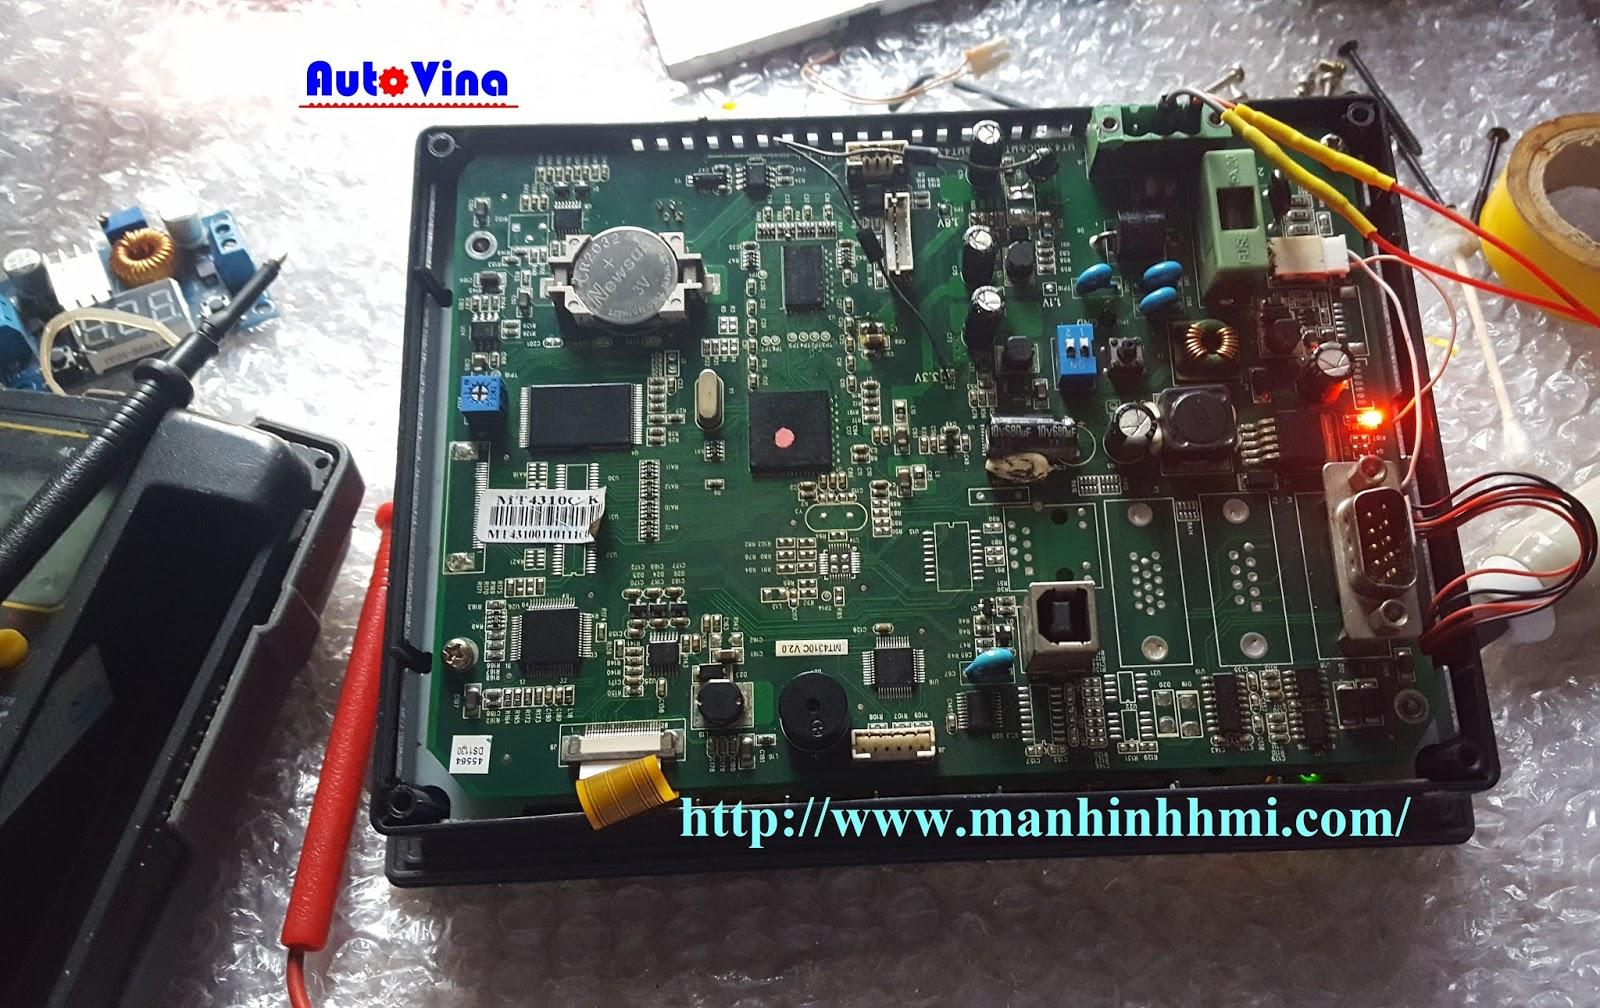 Công ty Auto Vina đo đạc, kiểm tra bo mạch Main board của màn hình Kinco MT4310C